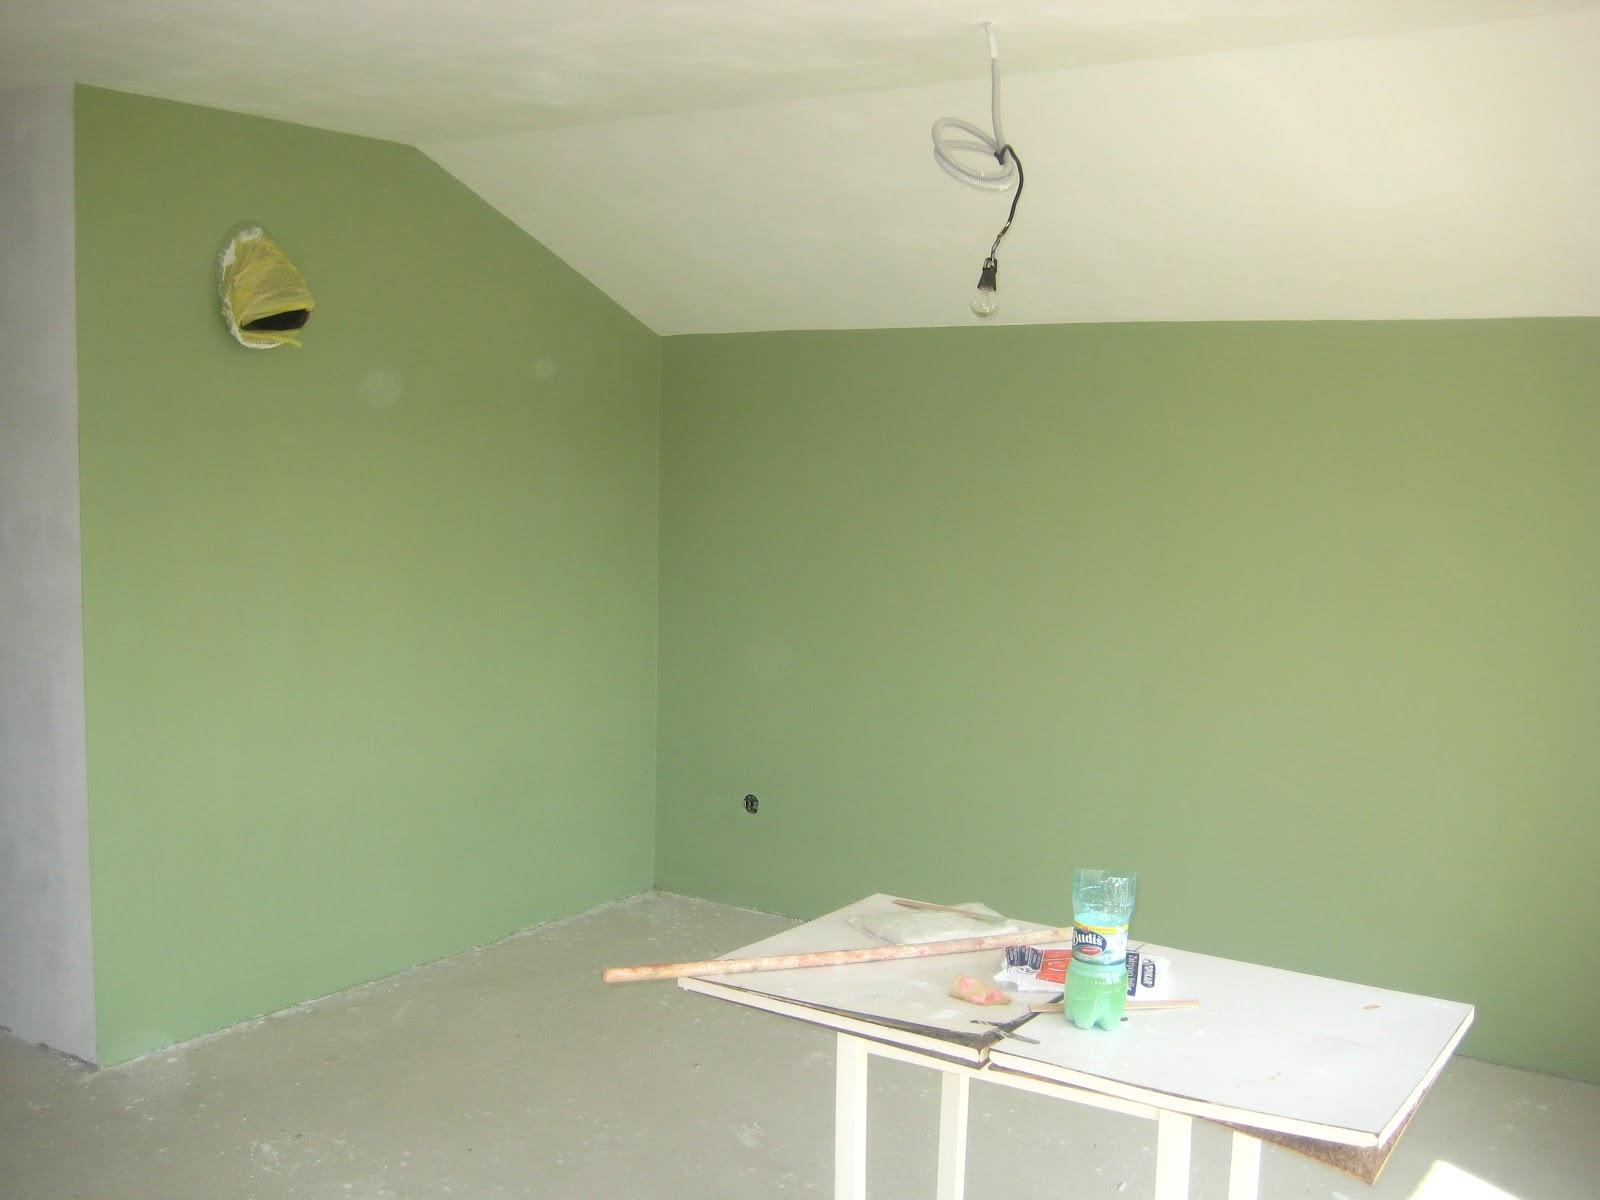 Groen In Woonkamer : Elegante groene woonkamer groene muren stock afbeelding